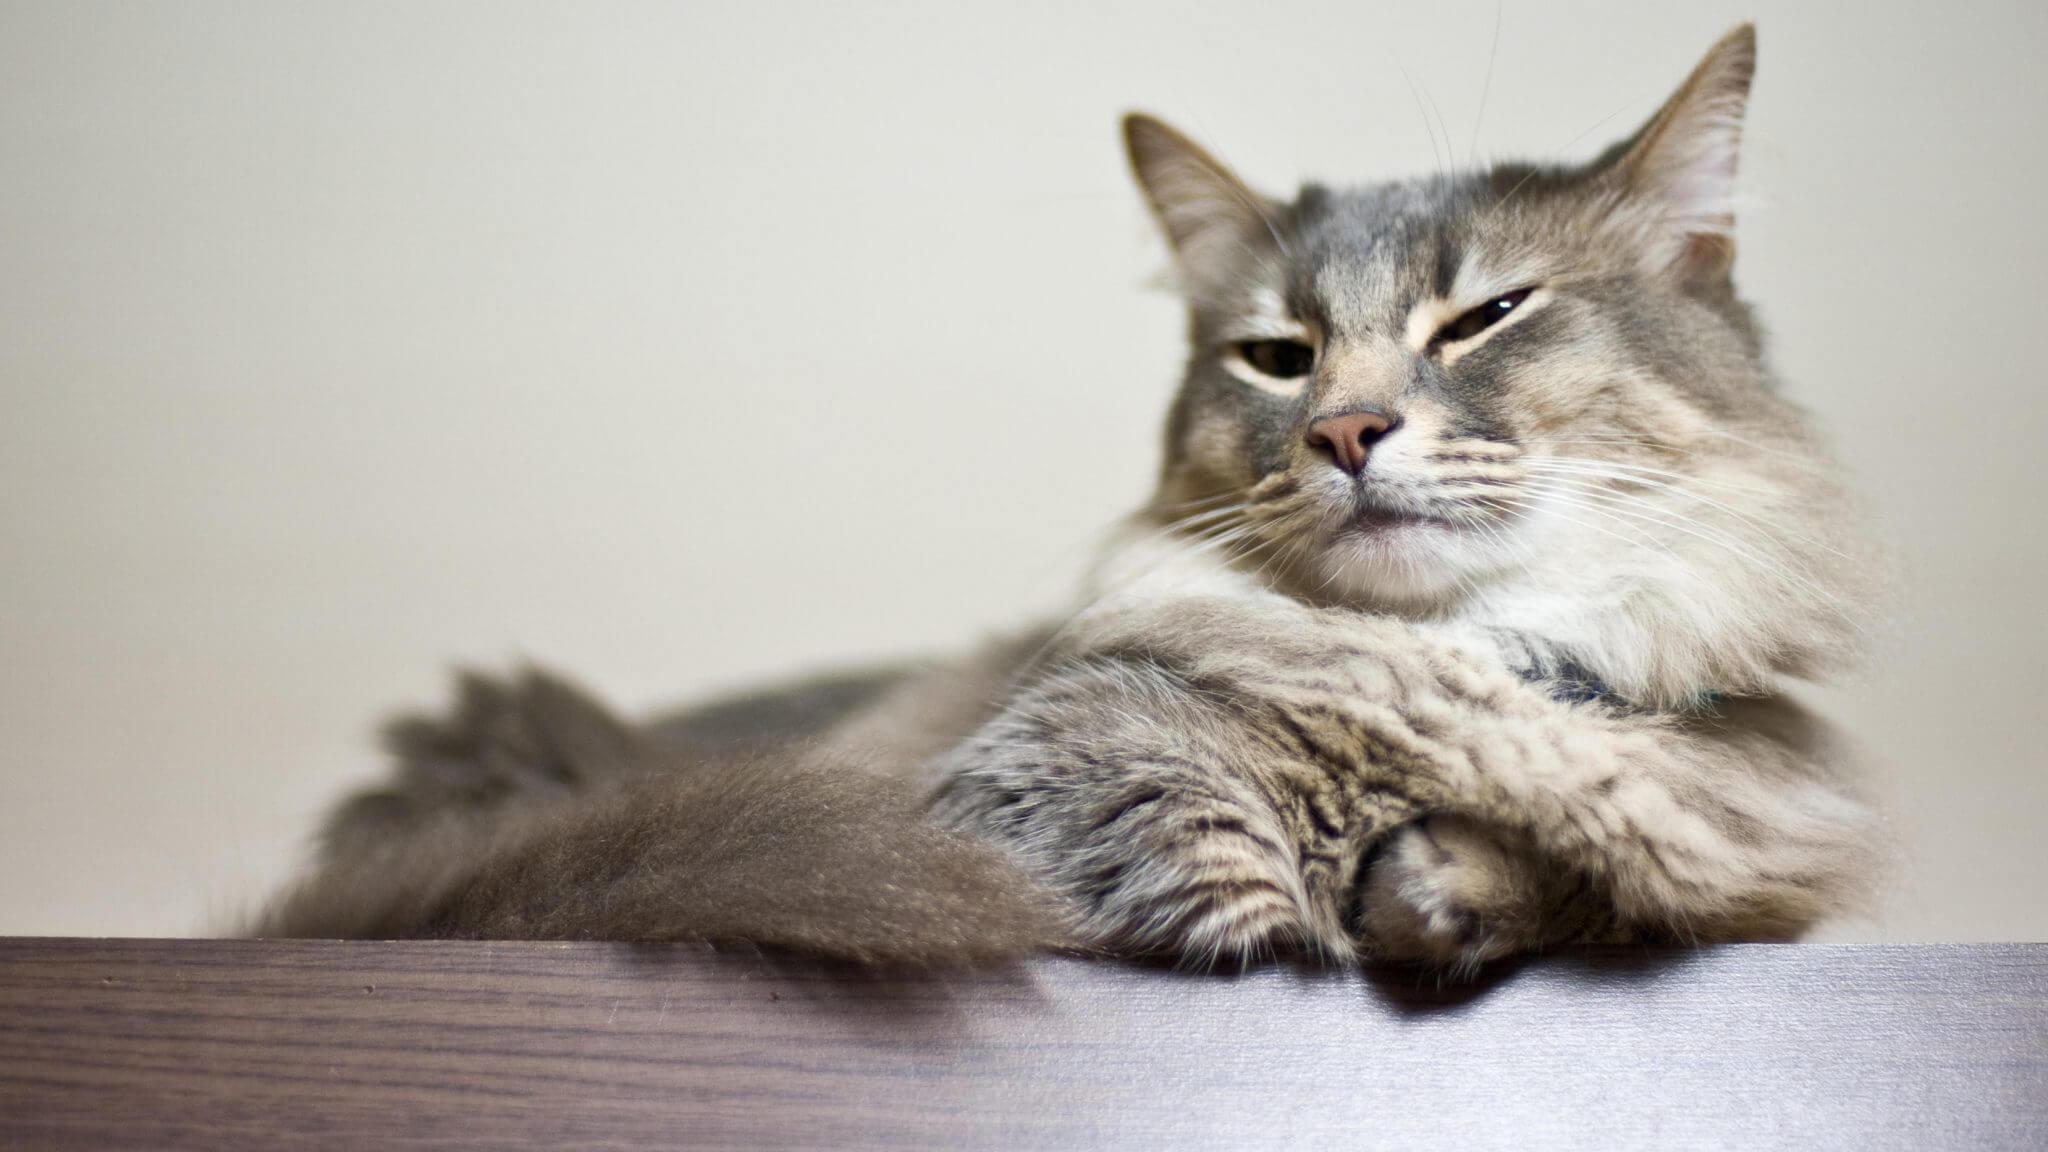 Ciri-ciri Kucing yang Berhasil Kawin: Bersarang di Tempat yang Nyaman